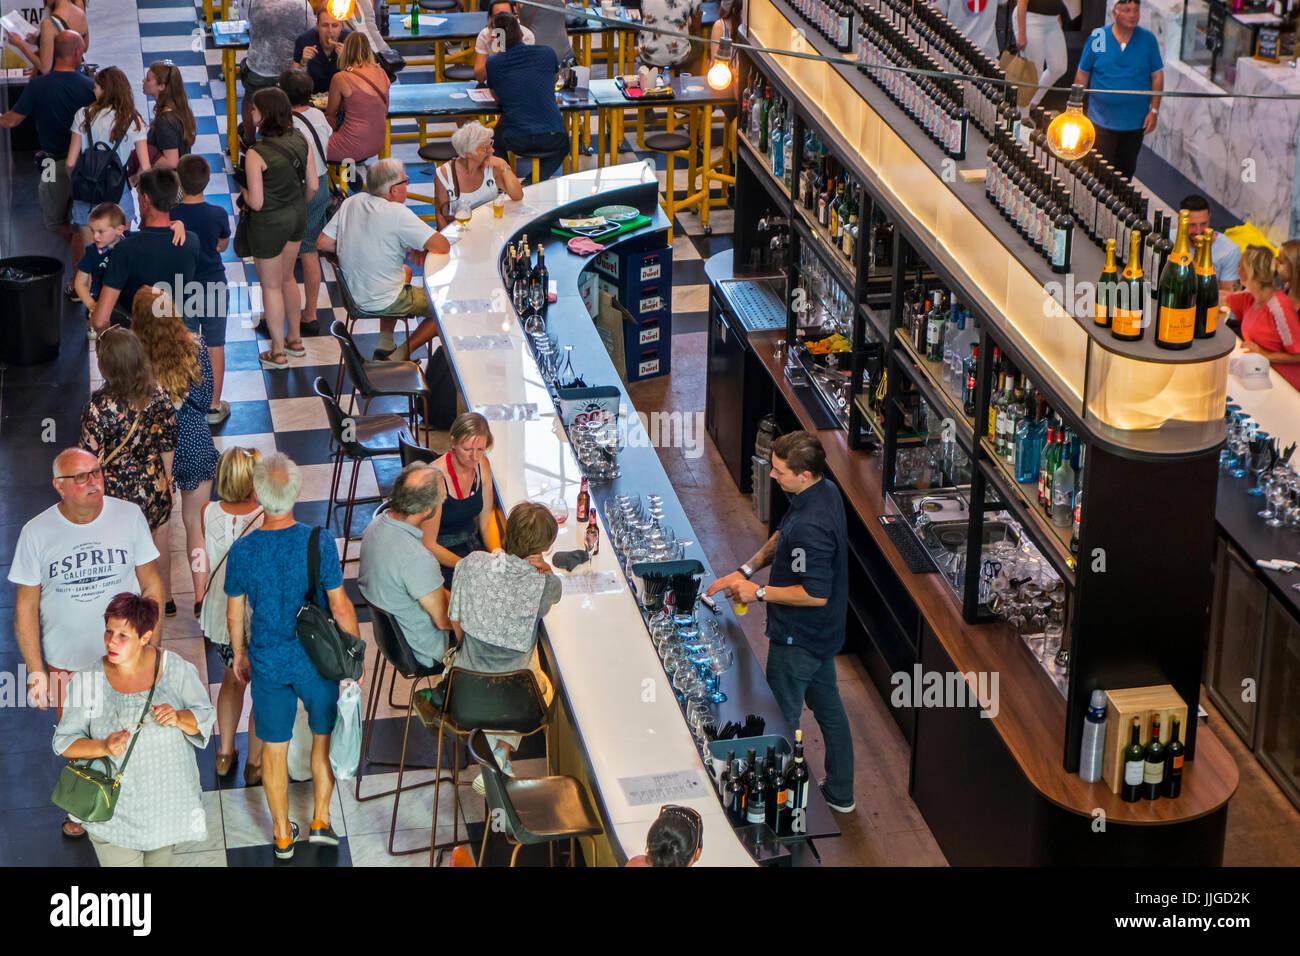 Luftaufnahme über bar-Theke und Barkeeper servieren von Getränken an Kunden in der Heiligen Lebensmittelmarkt Stockbild